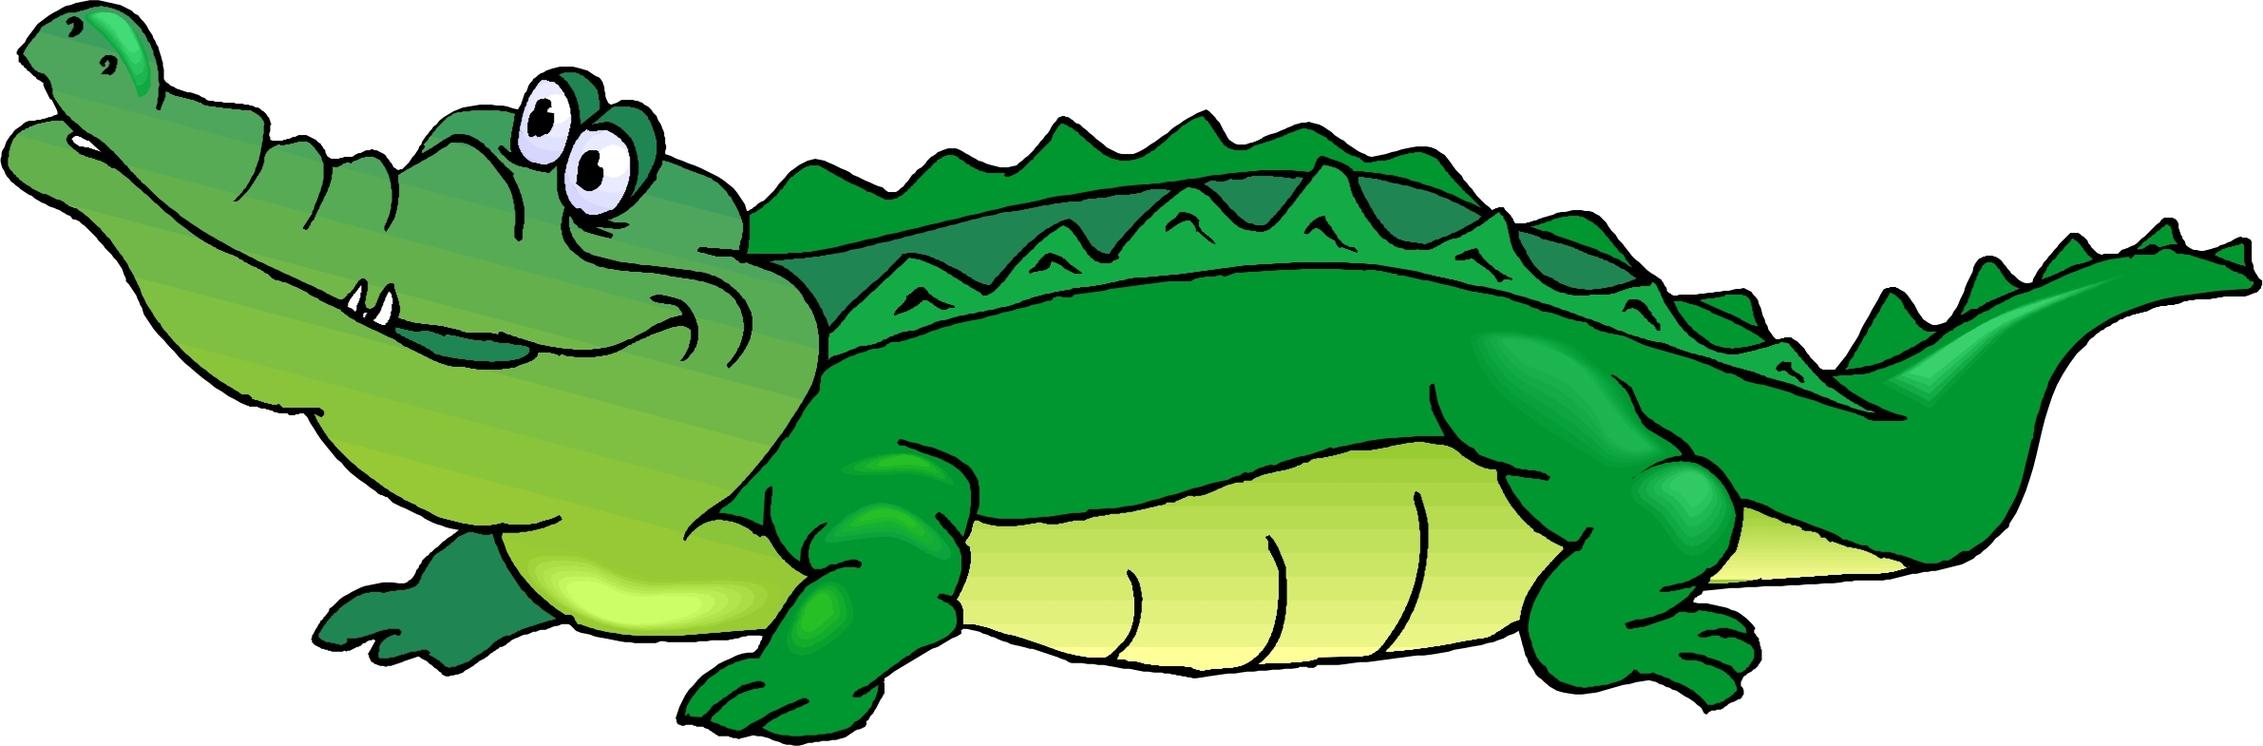 2263x746 Crocodile Clipart Gator